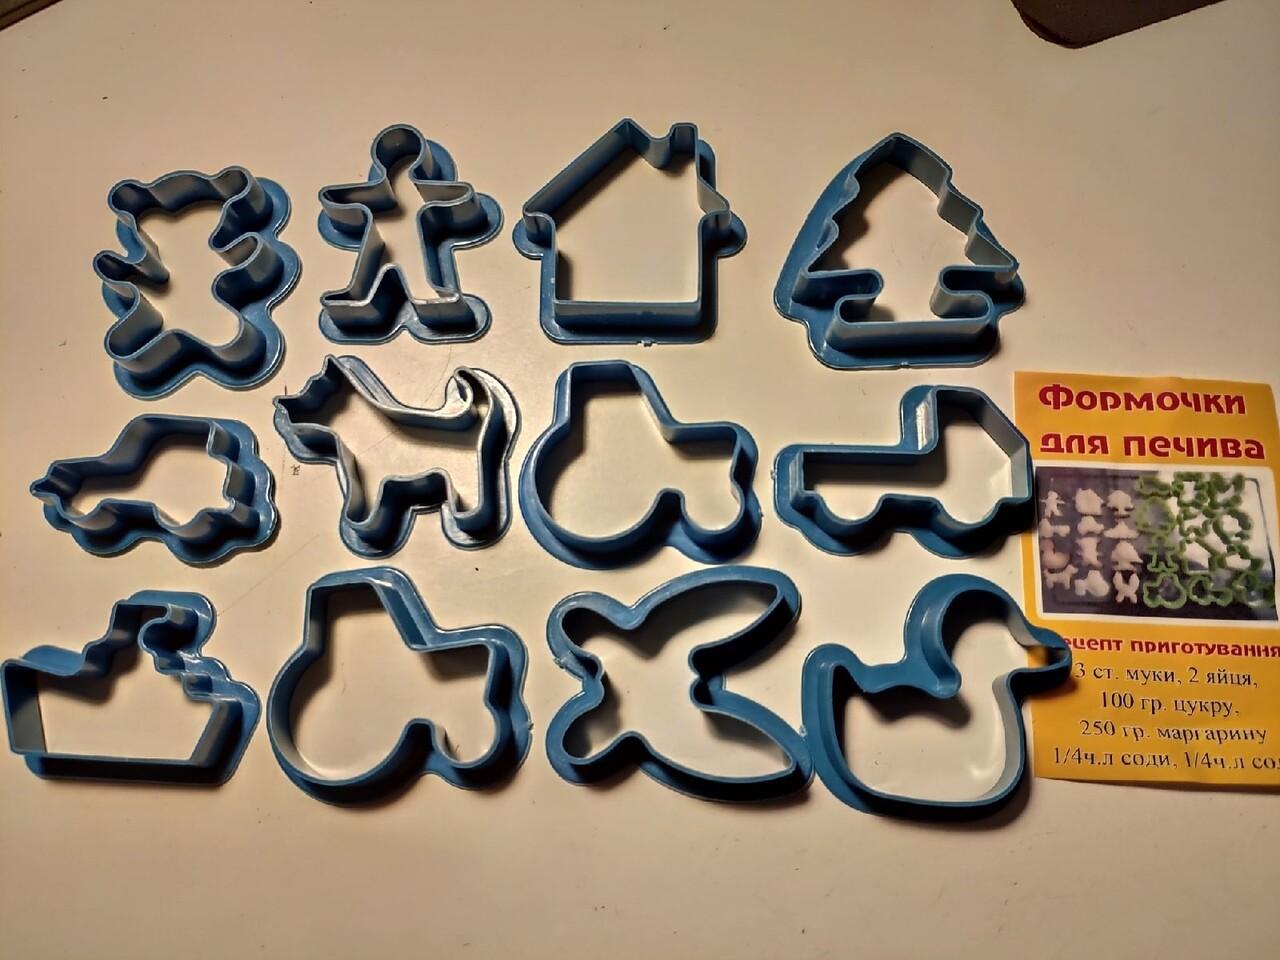 Формочки для печива.12 штук